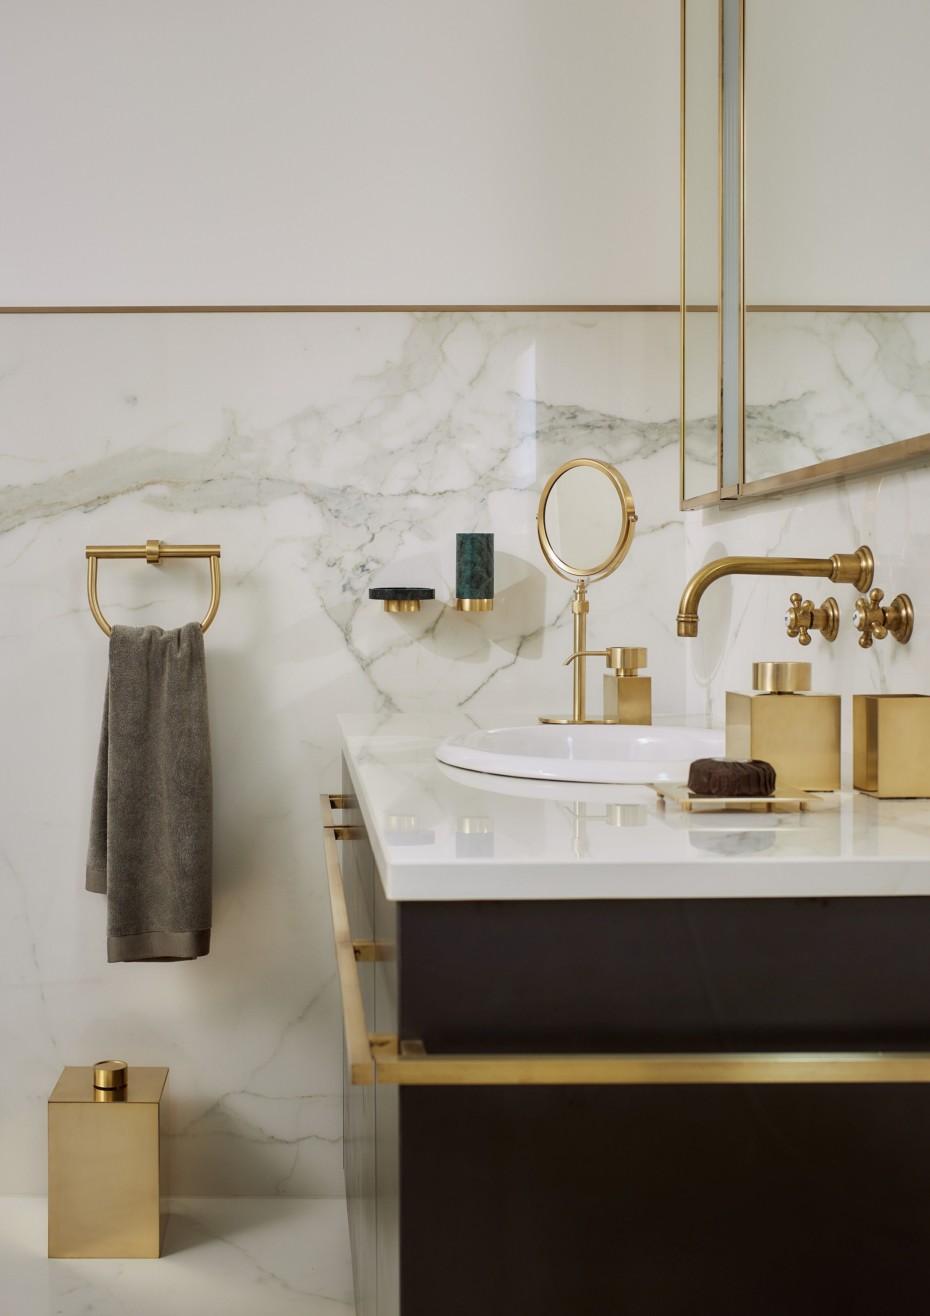 Accesorios de baño, serie DW 477